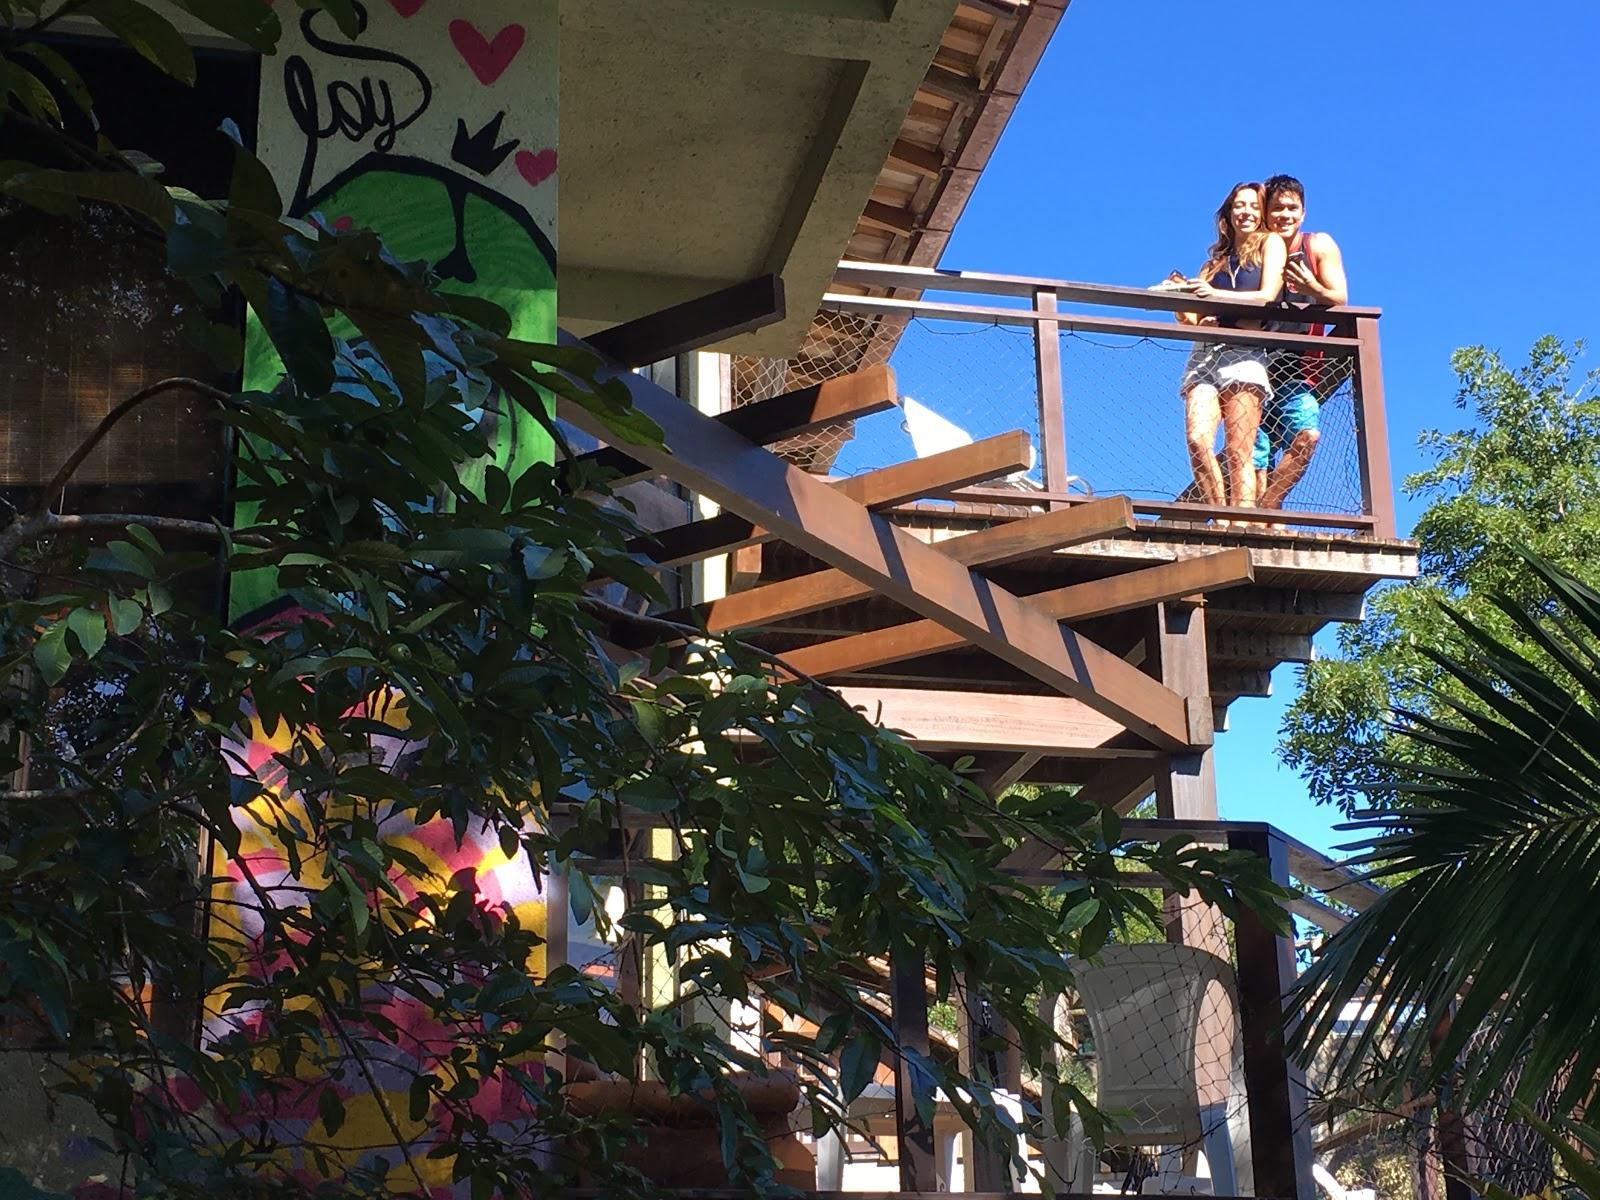 hostel, hostels, onde ficar em floripa, o que fazer em floripa, surf em floripa, praias de florianopolis